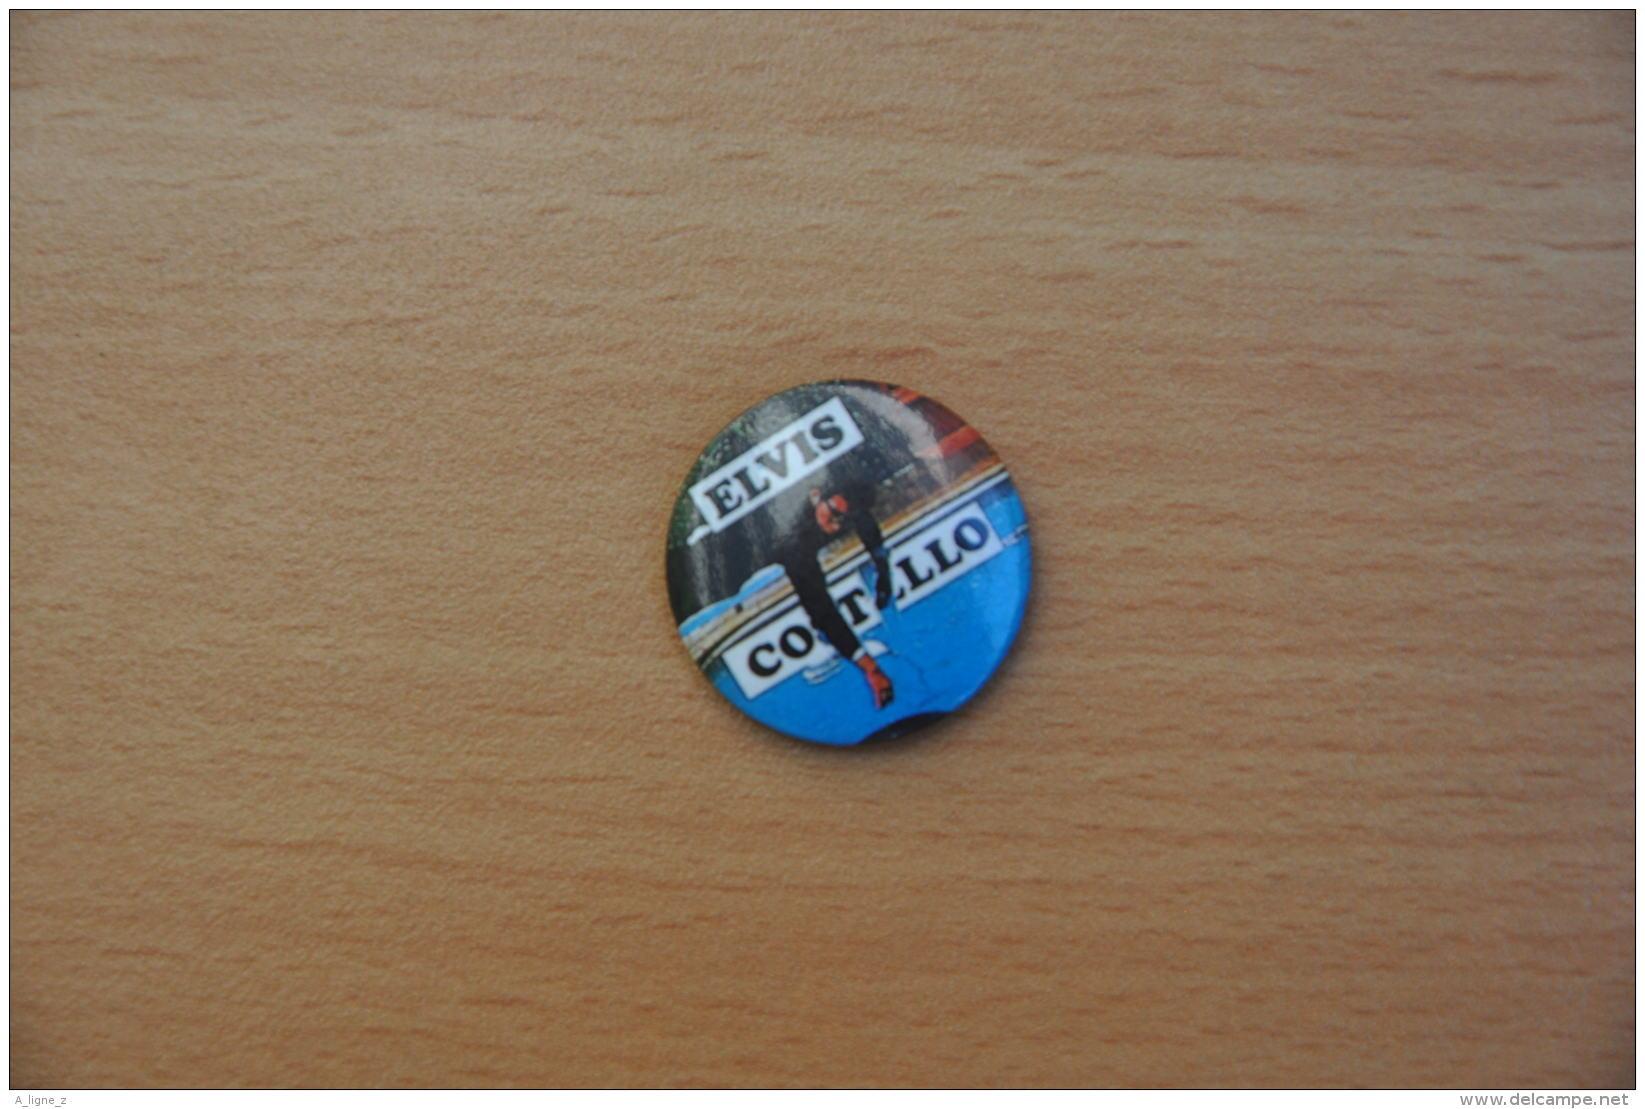 REF Y1  : Badge Ancien Epok 1980 Punk Rock Pin's Elvis Costello - Musique